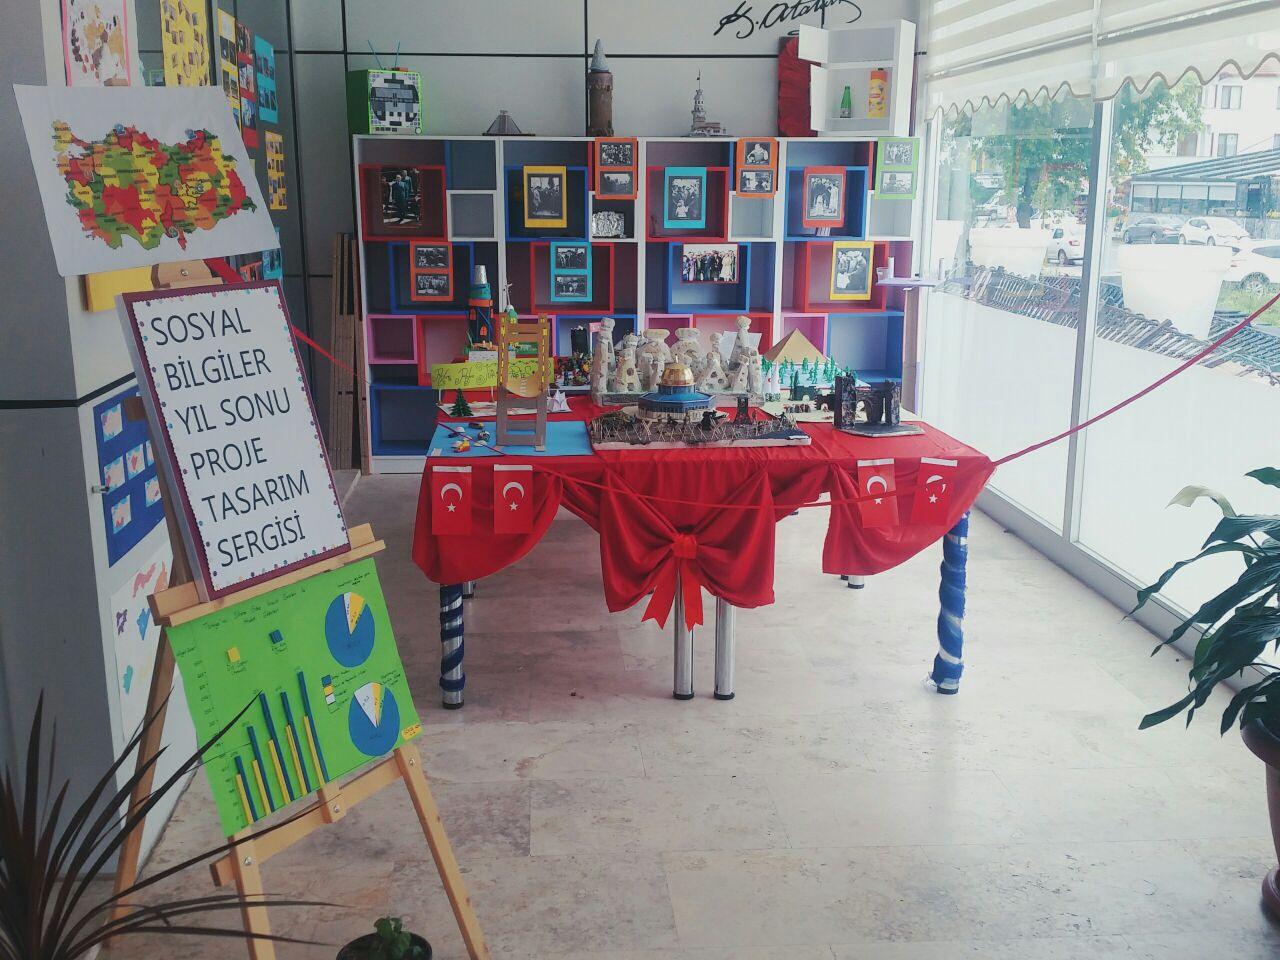 Özel Serdivan Kale Ortaokulu Sosyal Bilgiler Yıl Sonu Proje Tasarım Sergisi